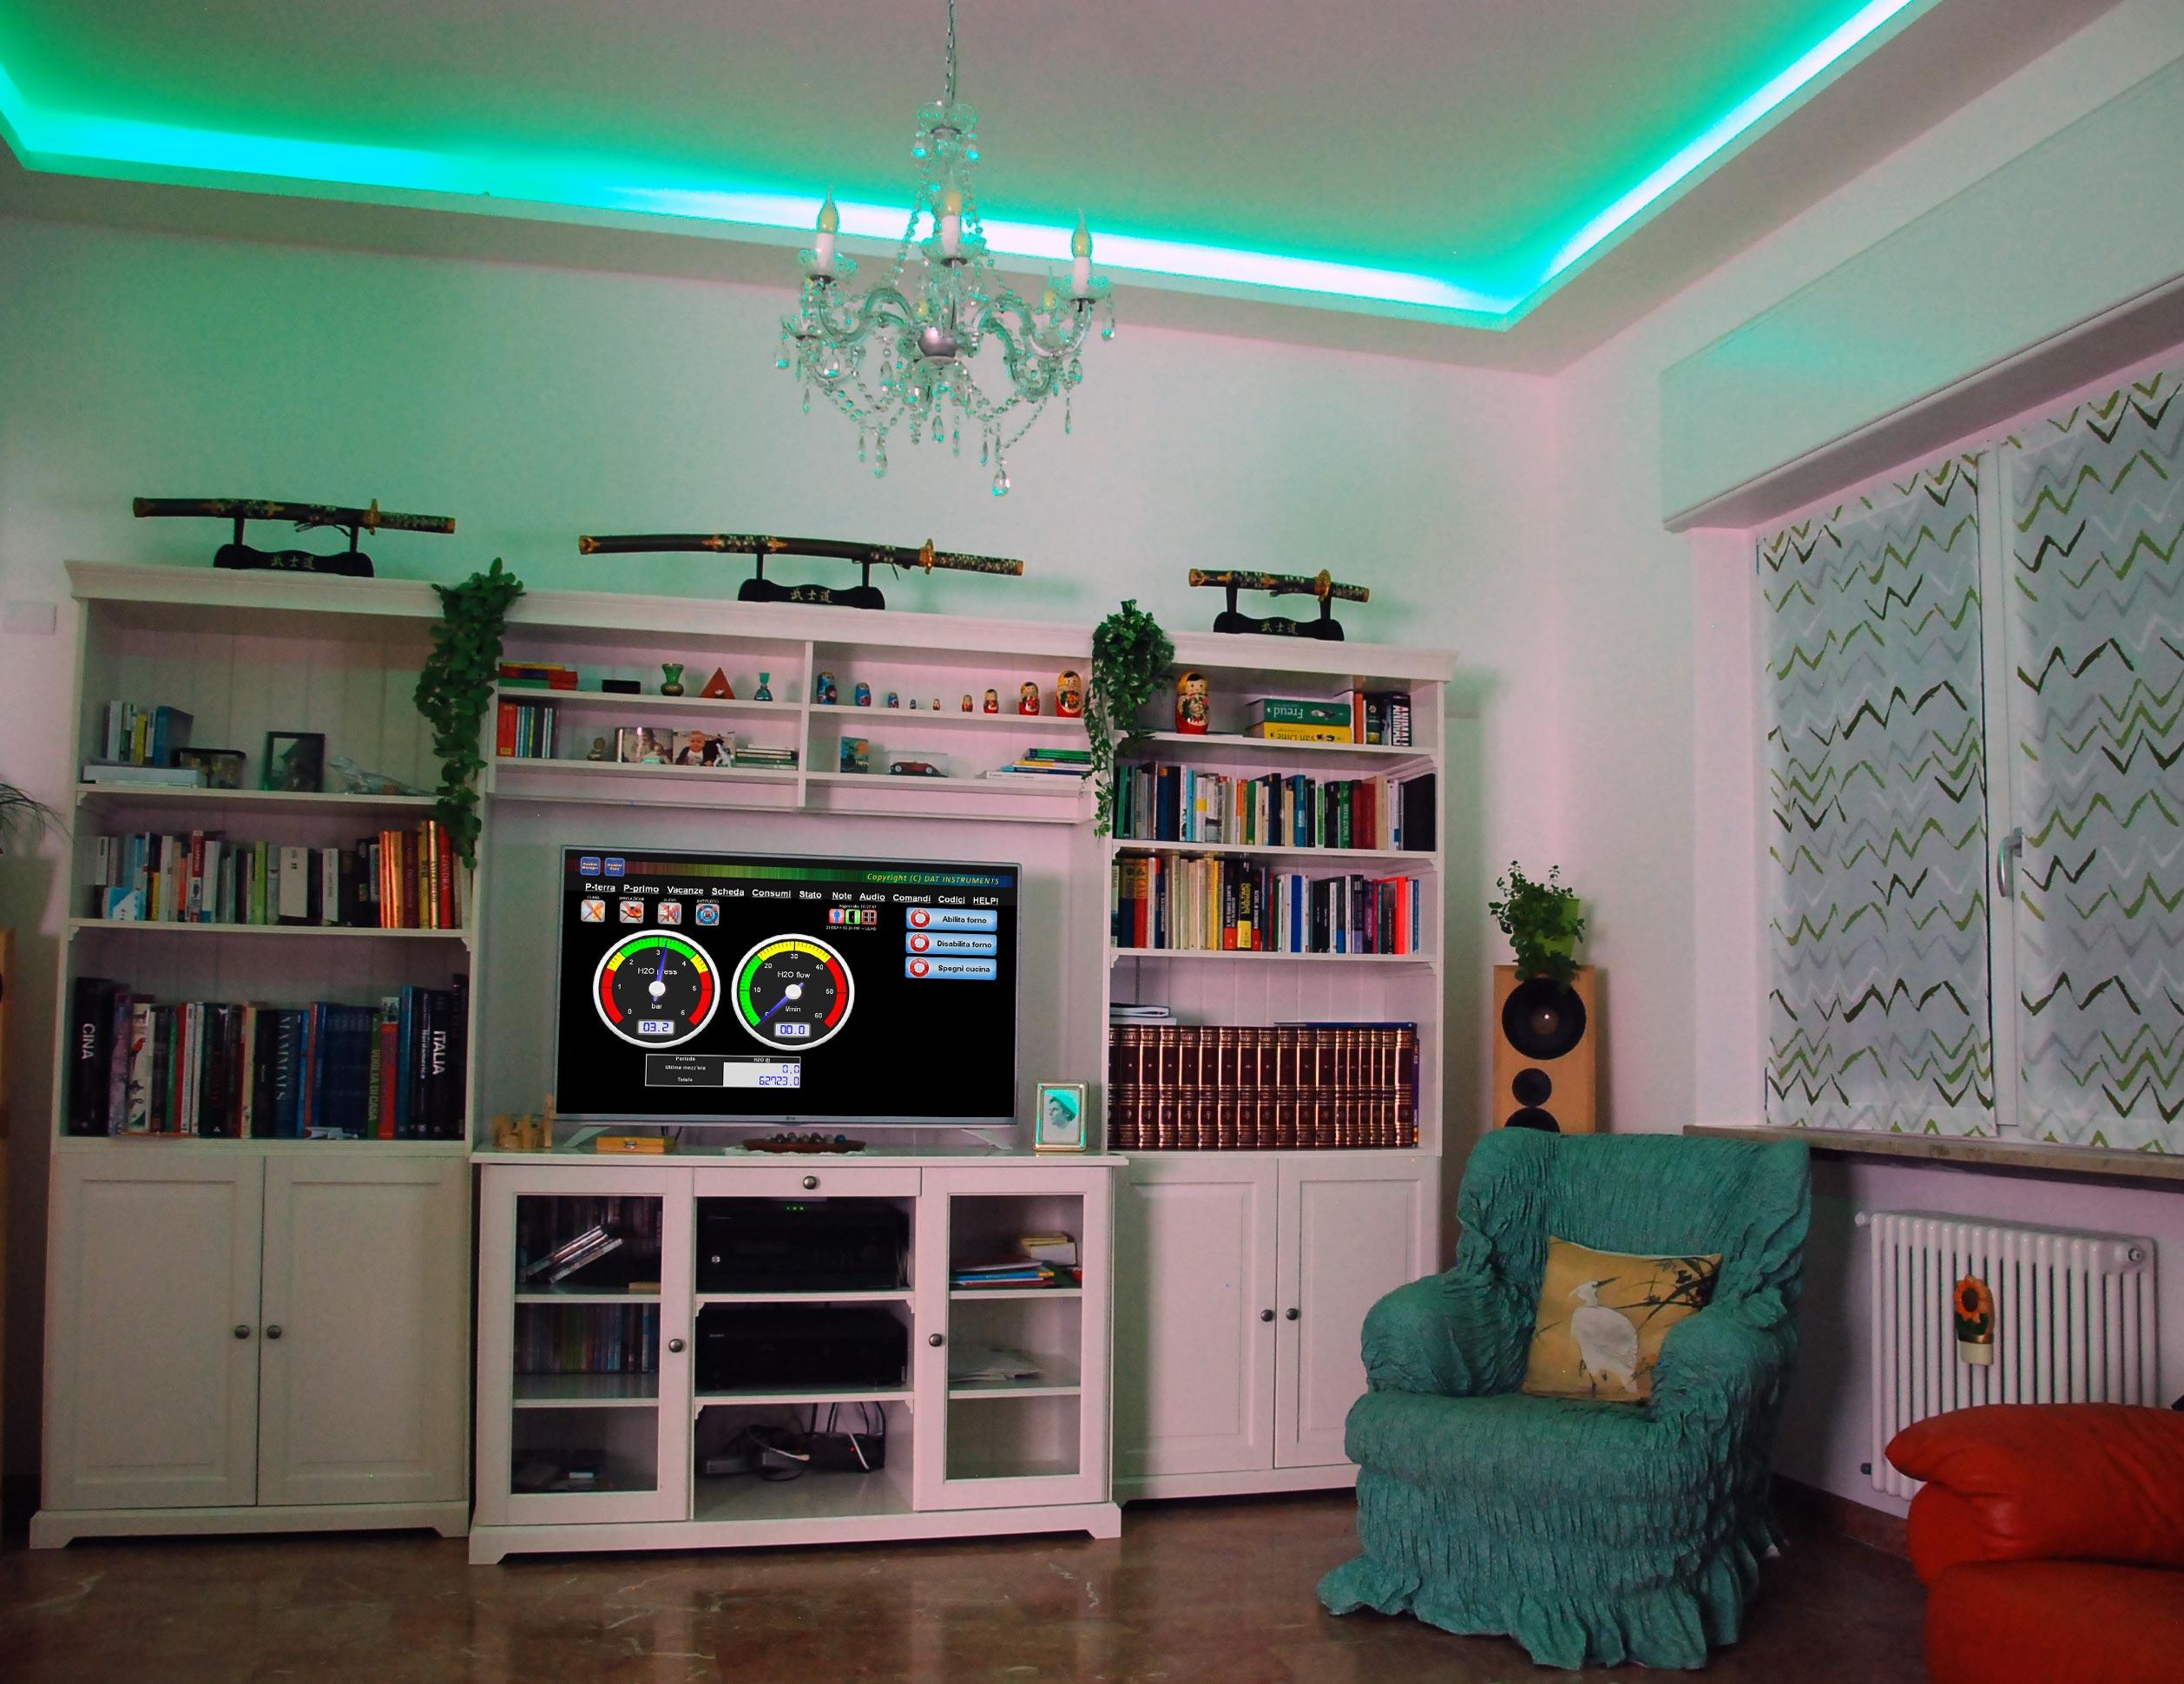 Control Casa, impianto domotico, domotica, elettrosmog, onde elettromagnetiche, salotto, impianto odmotico provincia di Varese